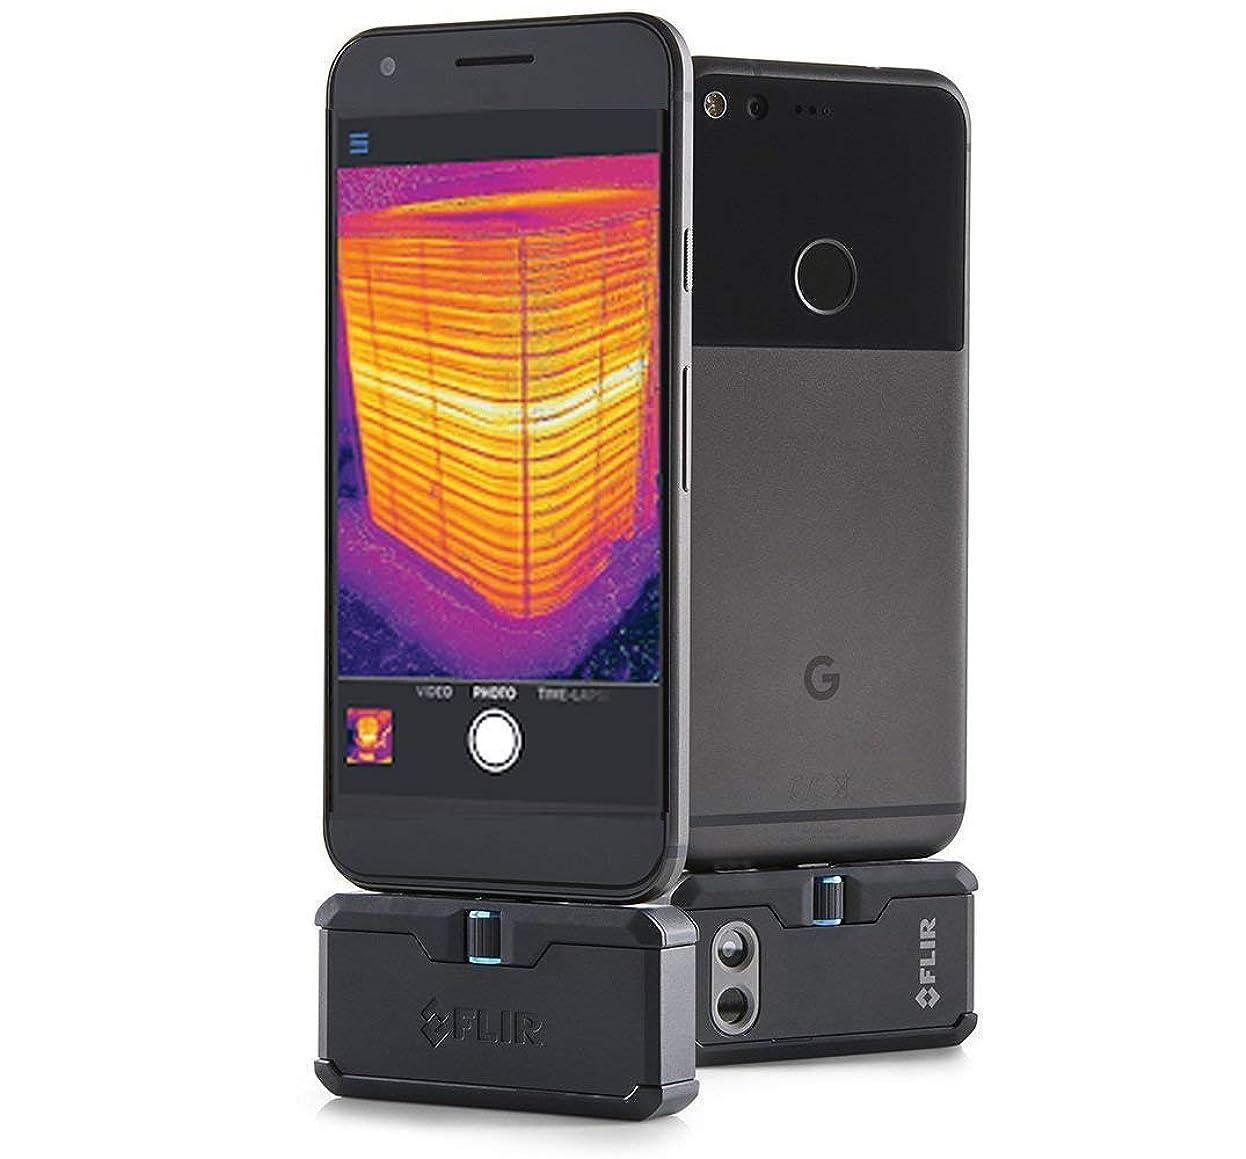 生物学薬理学劣るFLIR(フリアー) android(Type-C) 用 FLIR ONE Pro LT版 赤外線サーモグラフィカメラ [並行輸入品]